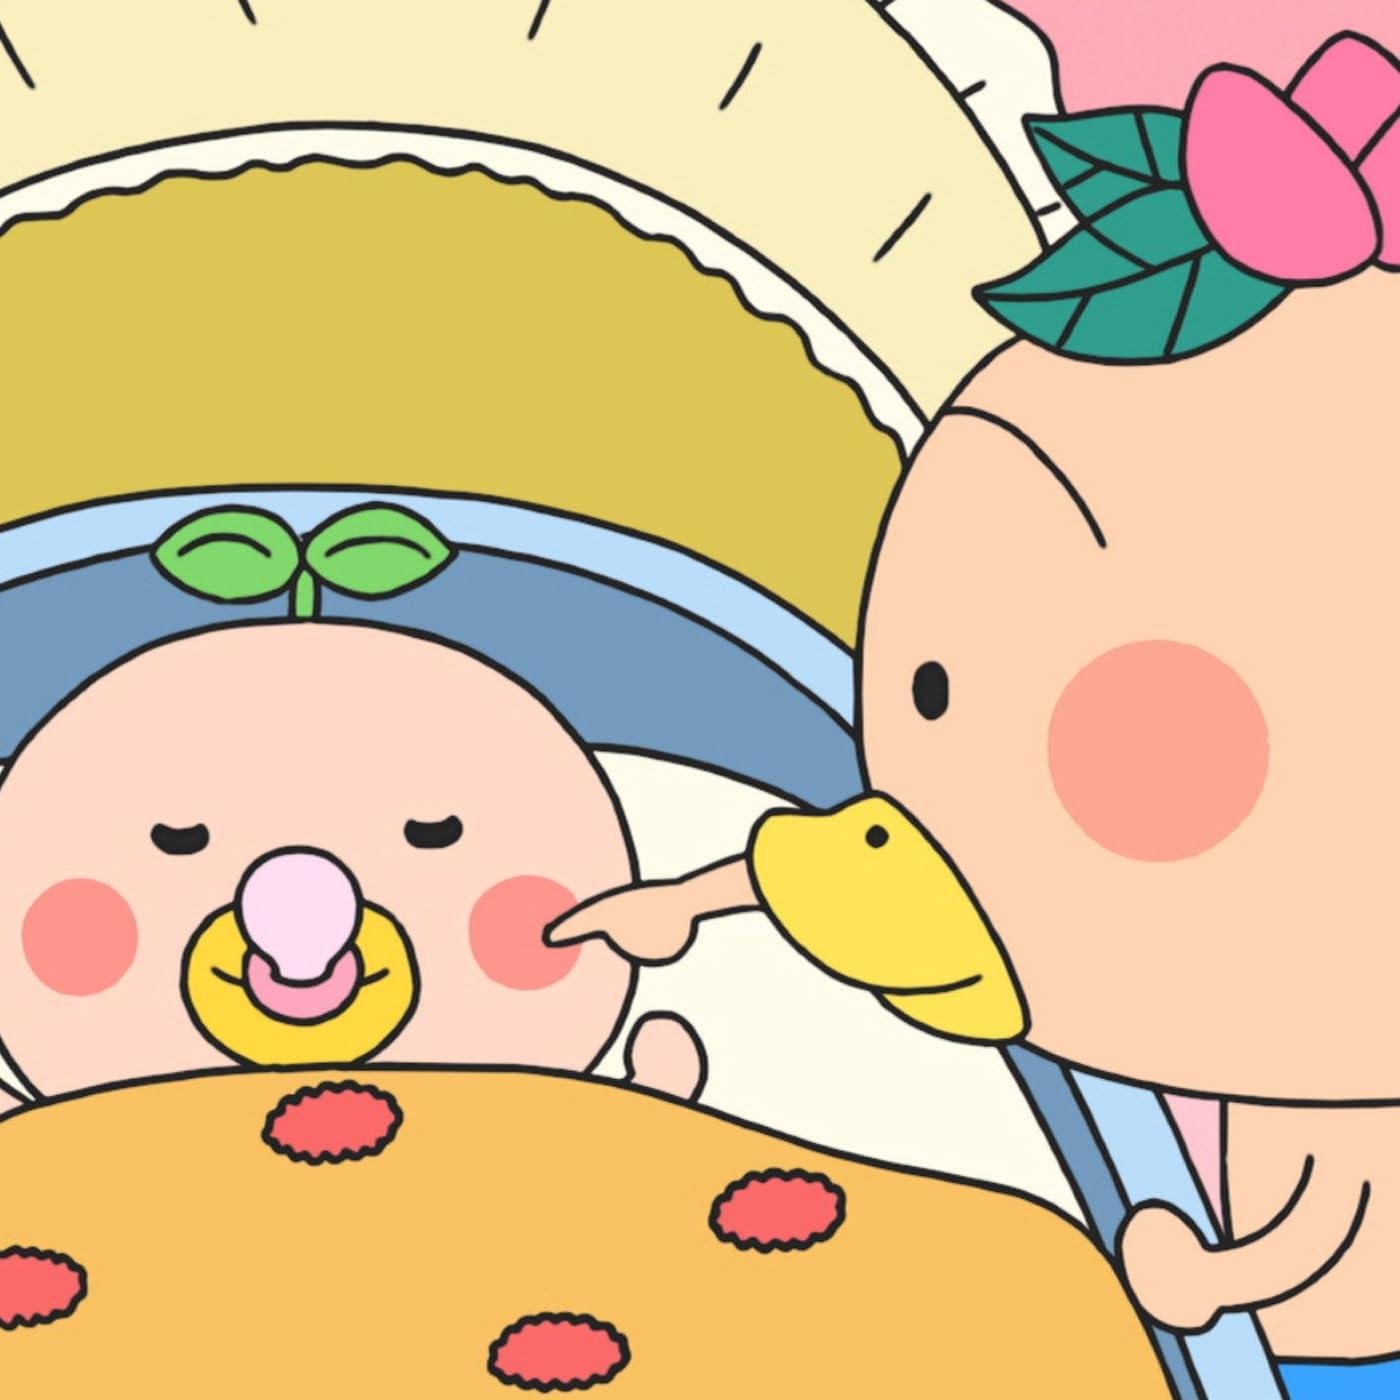 はなかっぱ Ipad壁紙 赤ちゃん はなかっぱ アニメ スマホ用画像135567